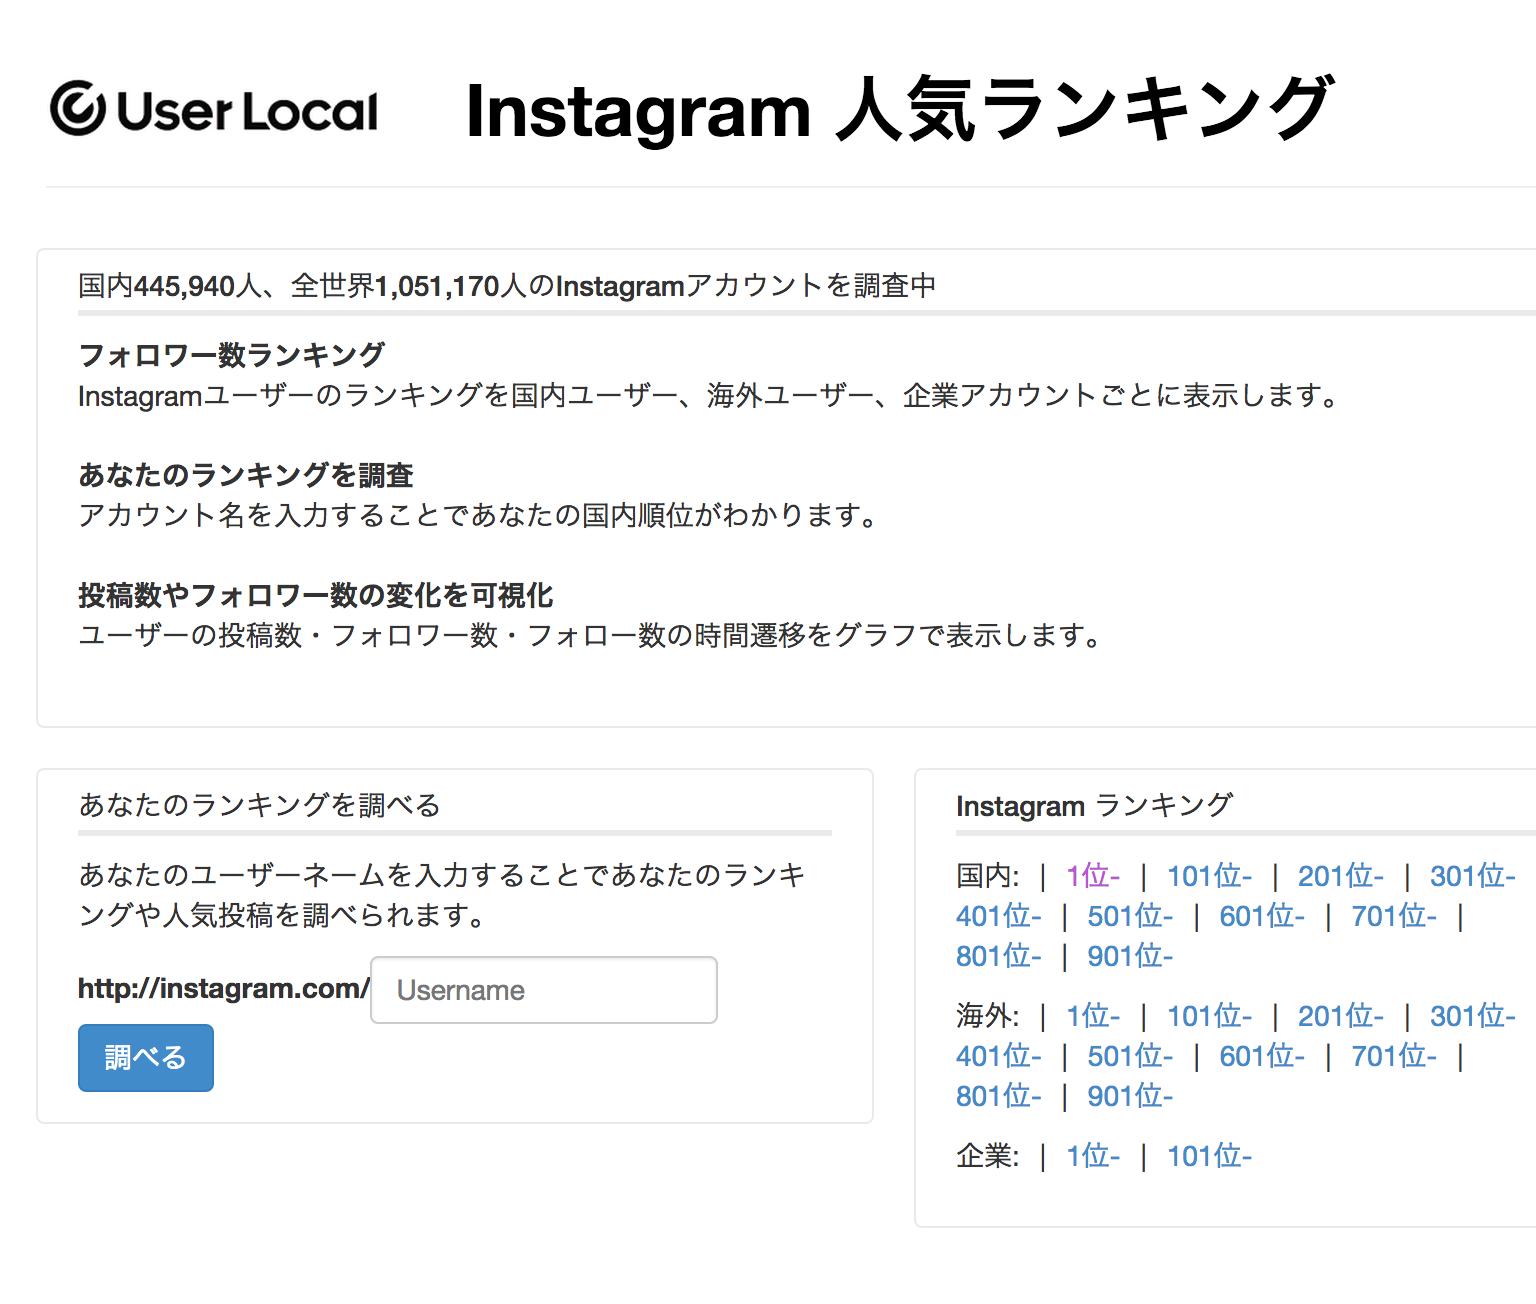 Instagram(インスタグラム)人気ランキング ユーザーの人気投稿やフォロワー数変化がわかる